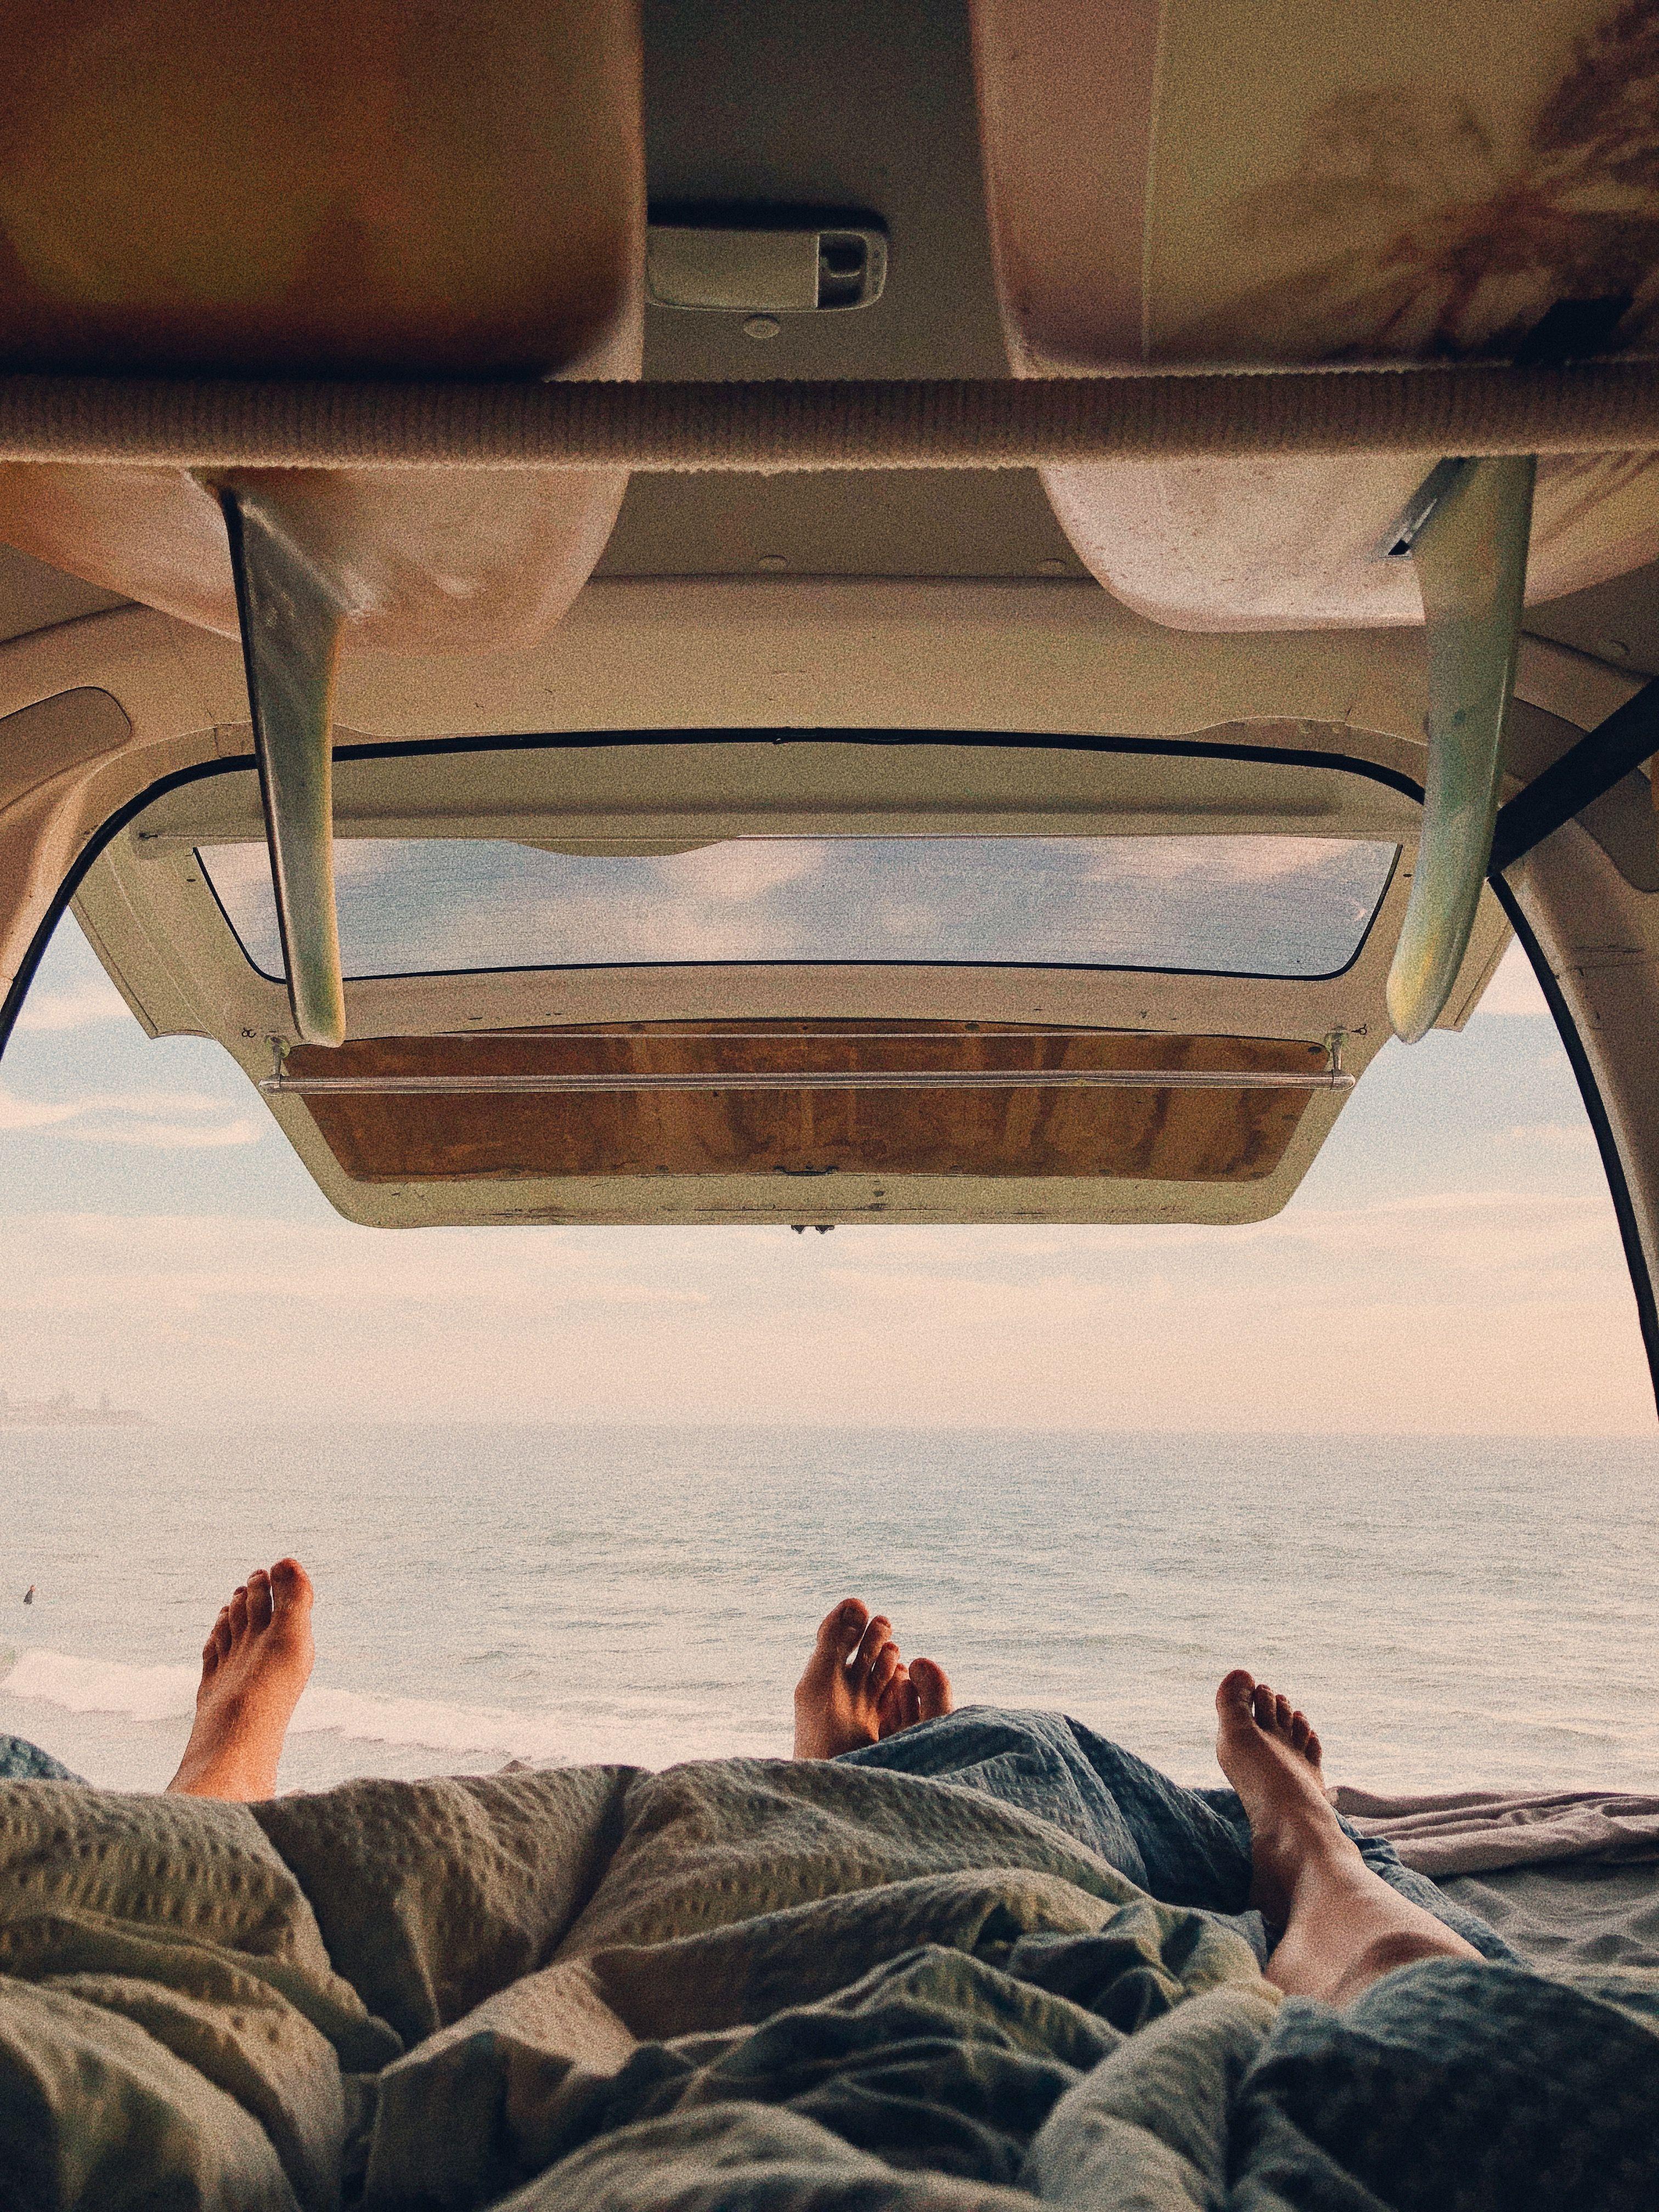 , I summer | sunglasses | vacation | travel | trip | adventure | explore | wild and free | sunshine I tan I happy I sun I holiday I inspo I happiness I …, Travel Couple, Travel Couple